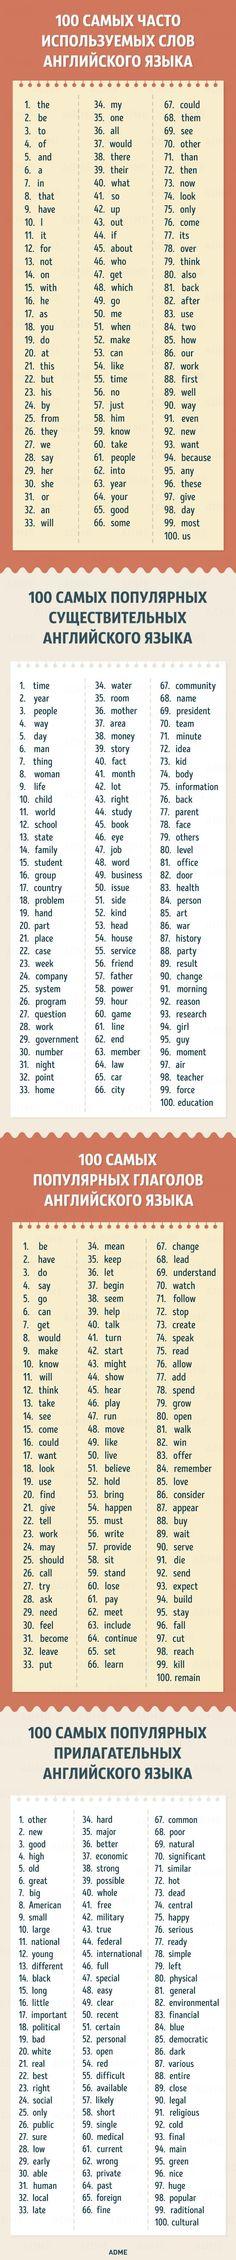 400 английских слов, которых будет достаточно для понимания 75% текстов / Начать изучение: http://popularsale.ru/faststart3/?ref=80596&lnk=1442032